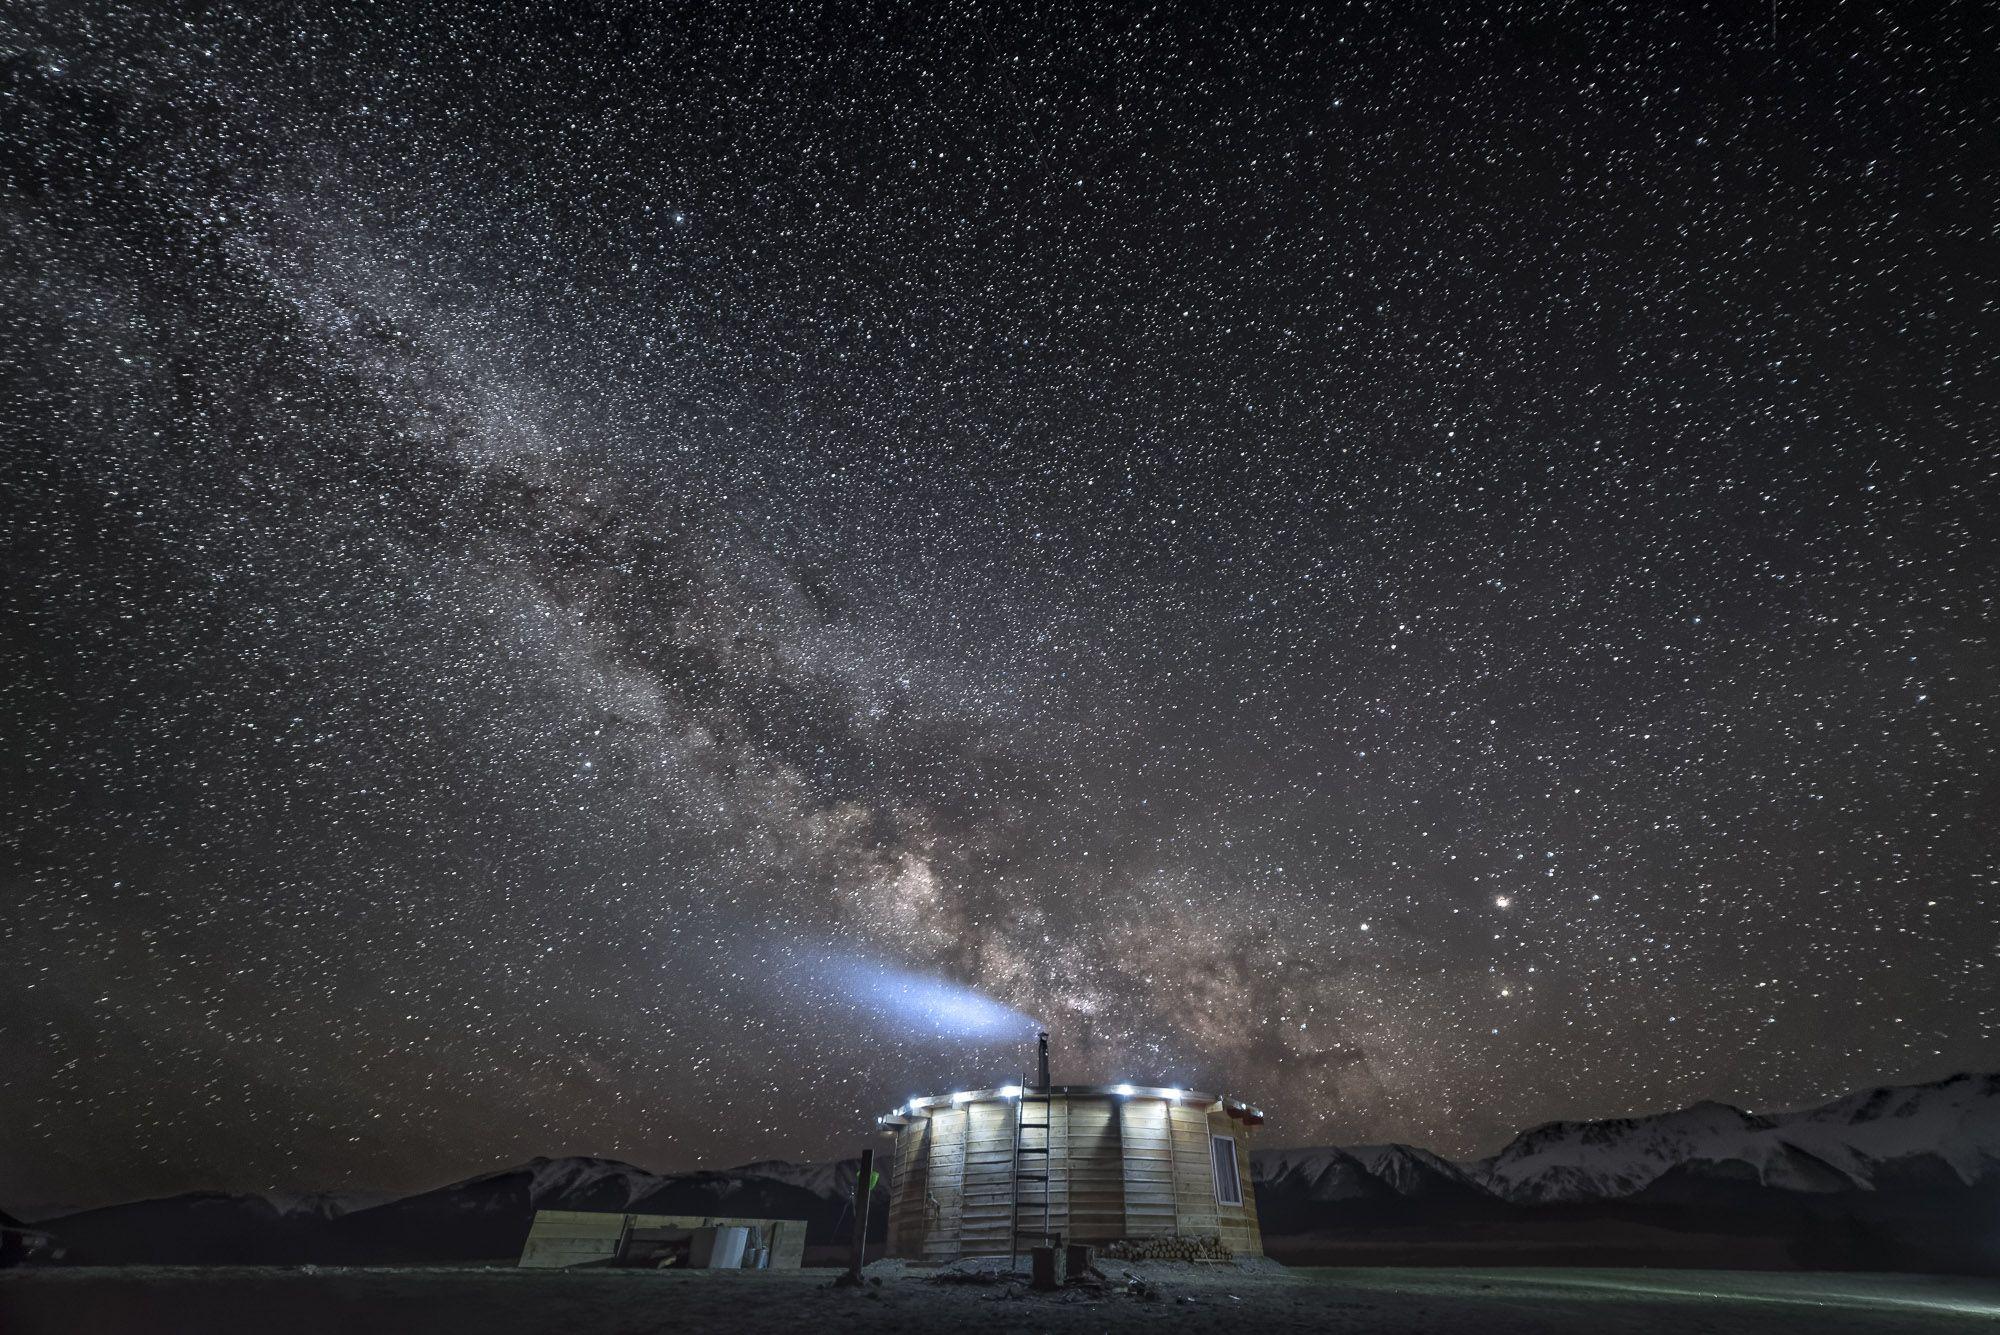 пейзаж,звезды,ночь,звездная ночь,природа,млечный путь,горы,небо,ночное небо, Дмитрий Старостенков